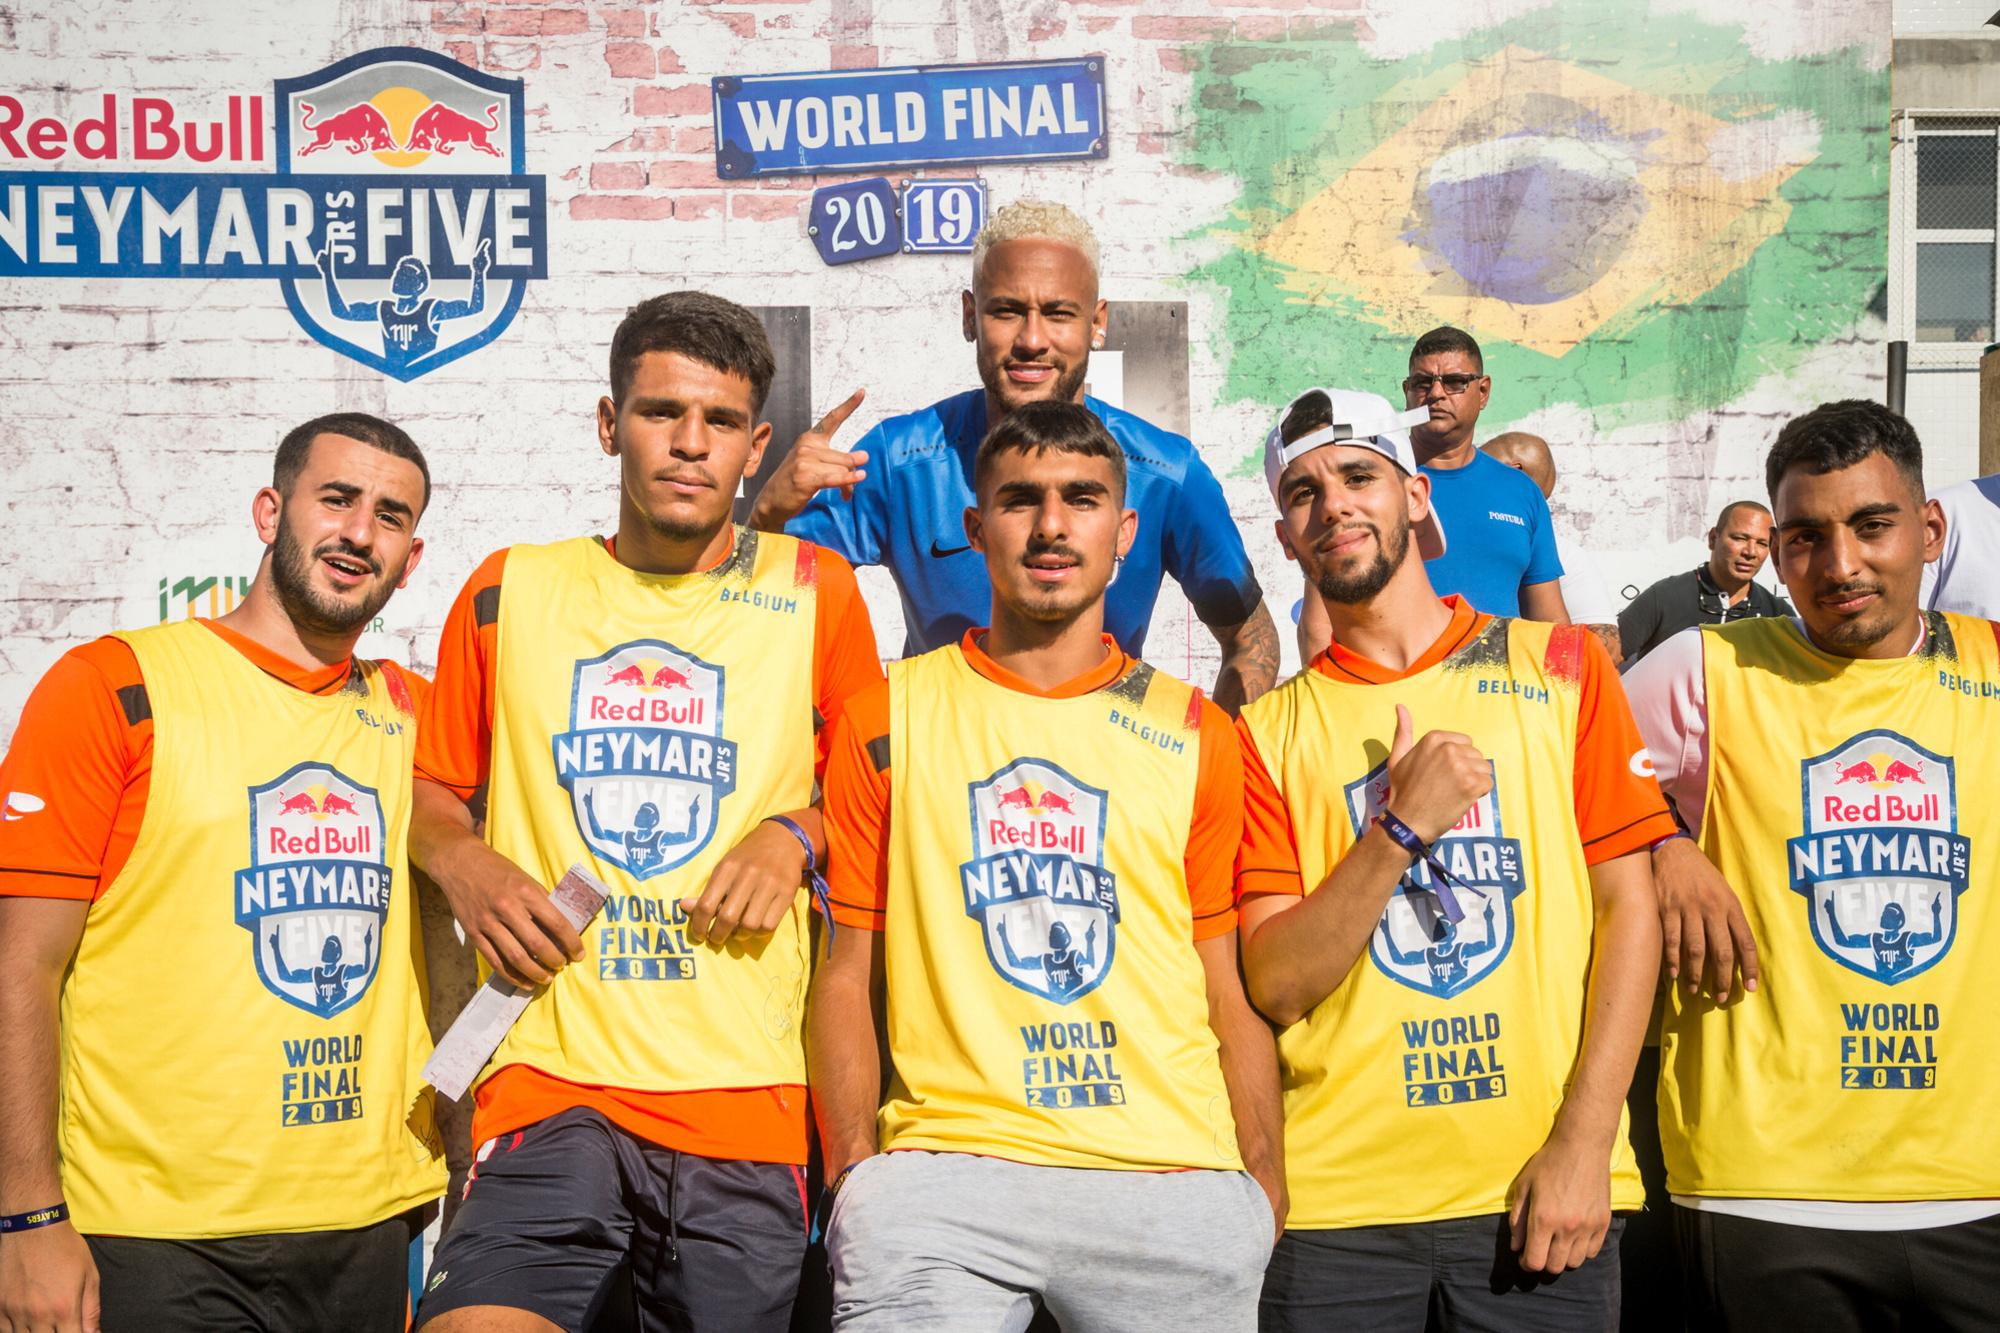 Miramas 13 met Neymar Jr., RedBullContentPool